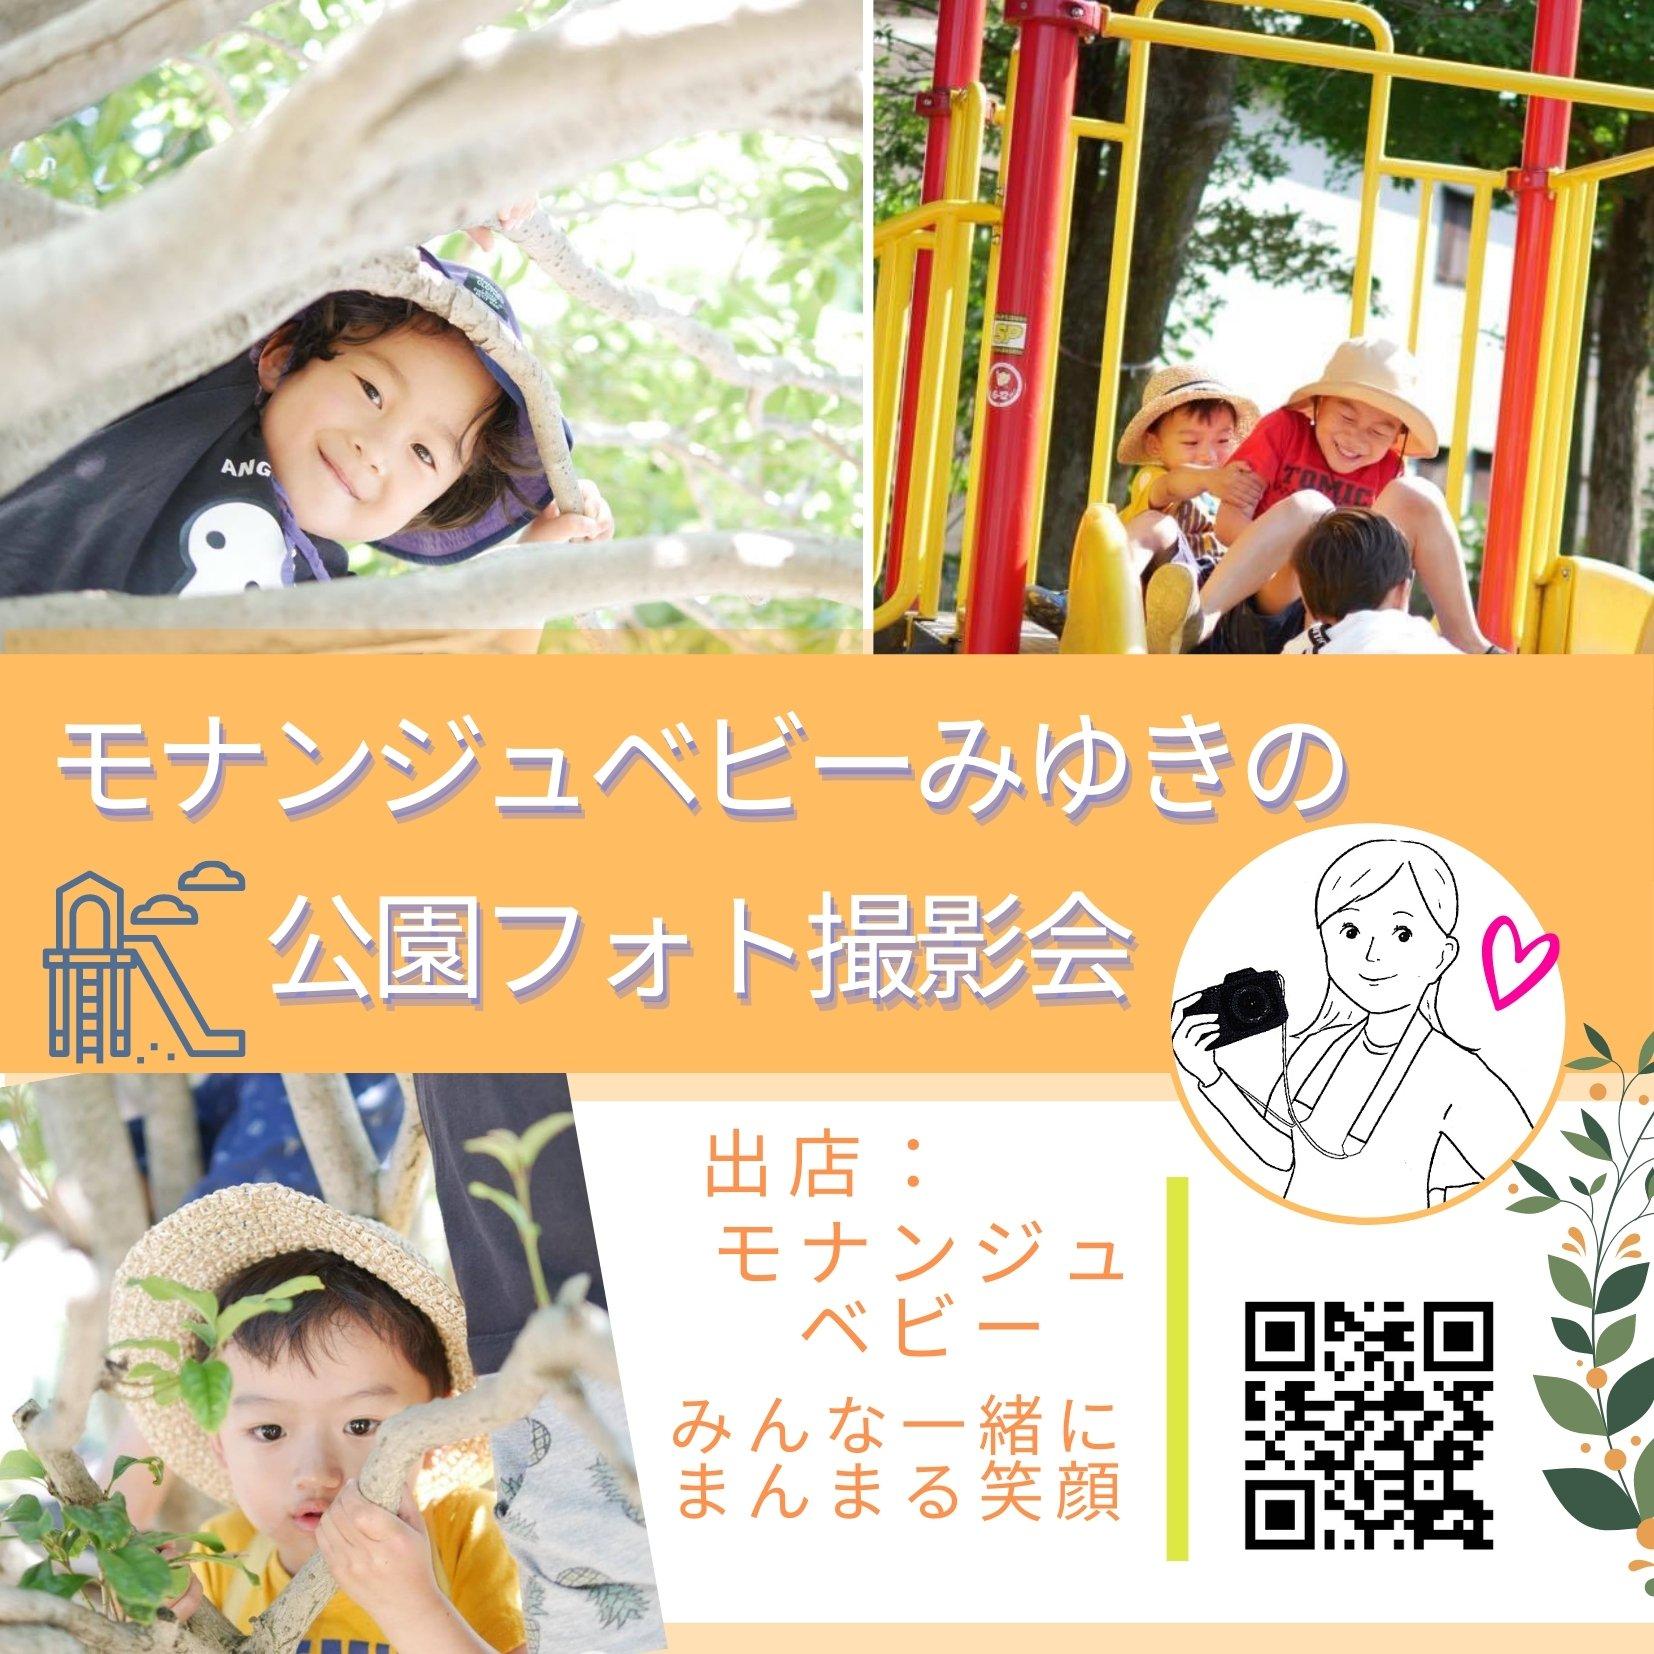 【3月30日(火)開催】公園フォト撮影会のイメージその1